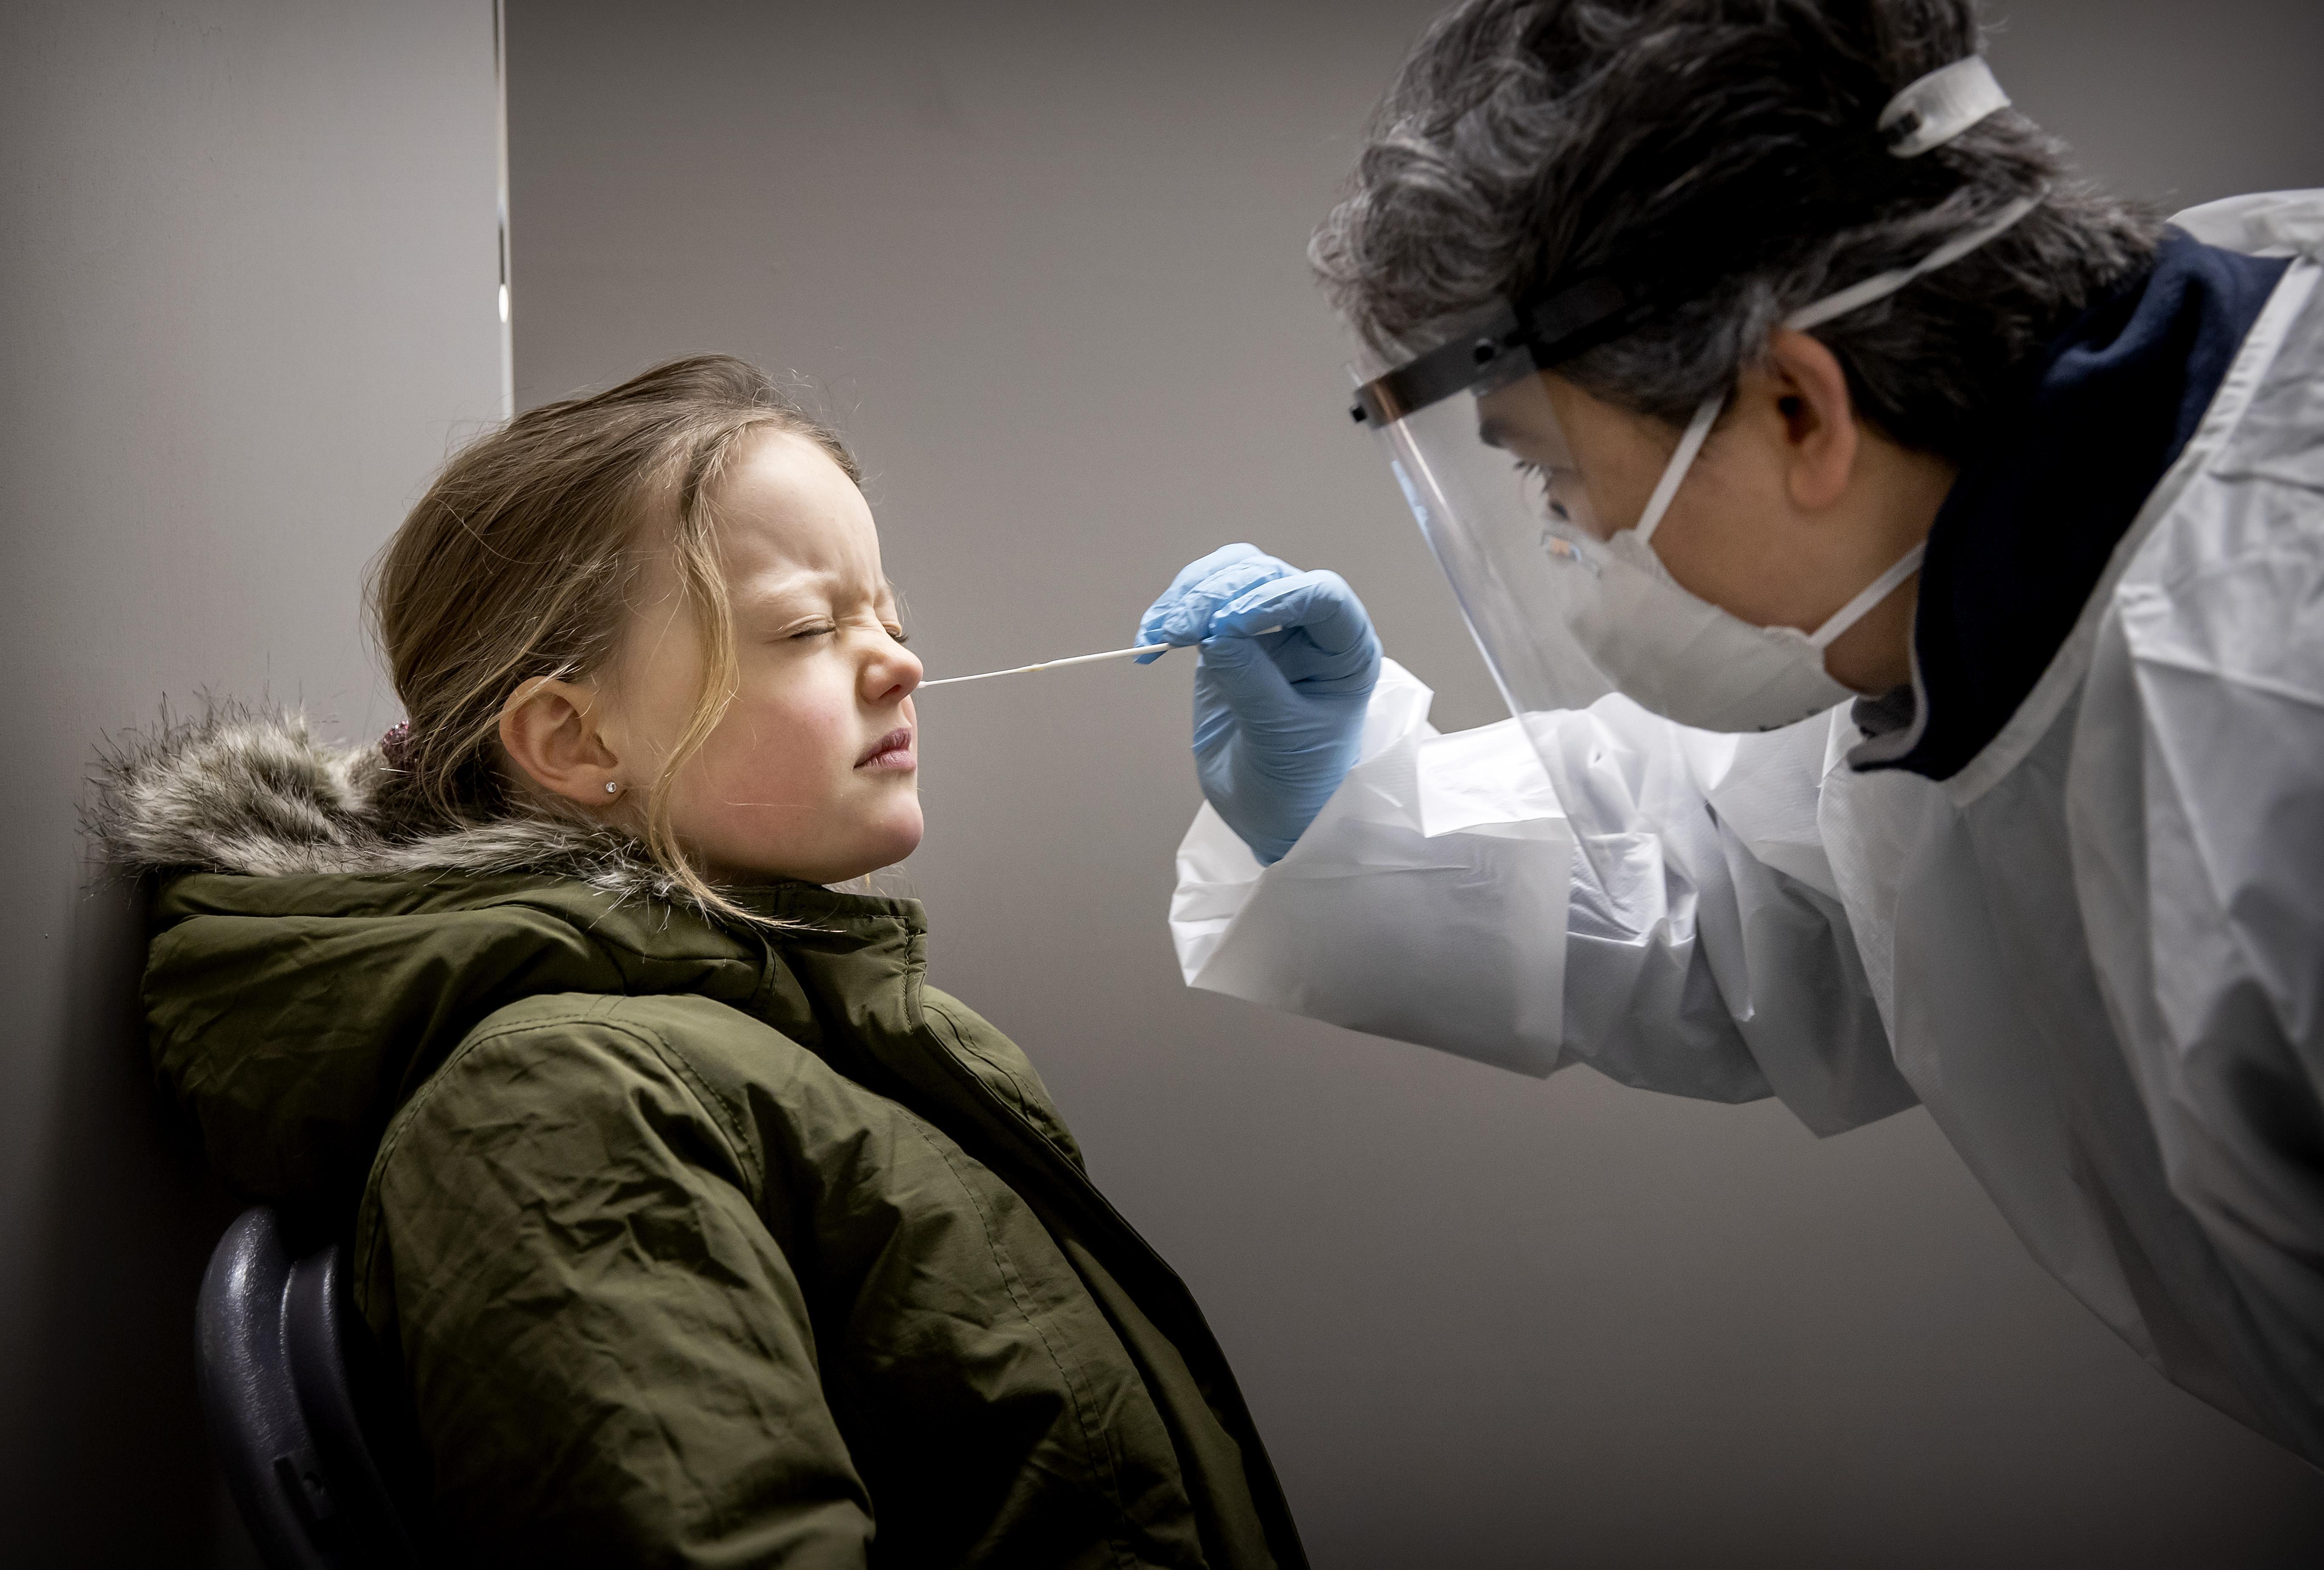 Coronacijfers vrijdag: Aantal besmettingen in Haarlemse regio ligt rond niveau van drie weken geleden